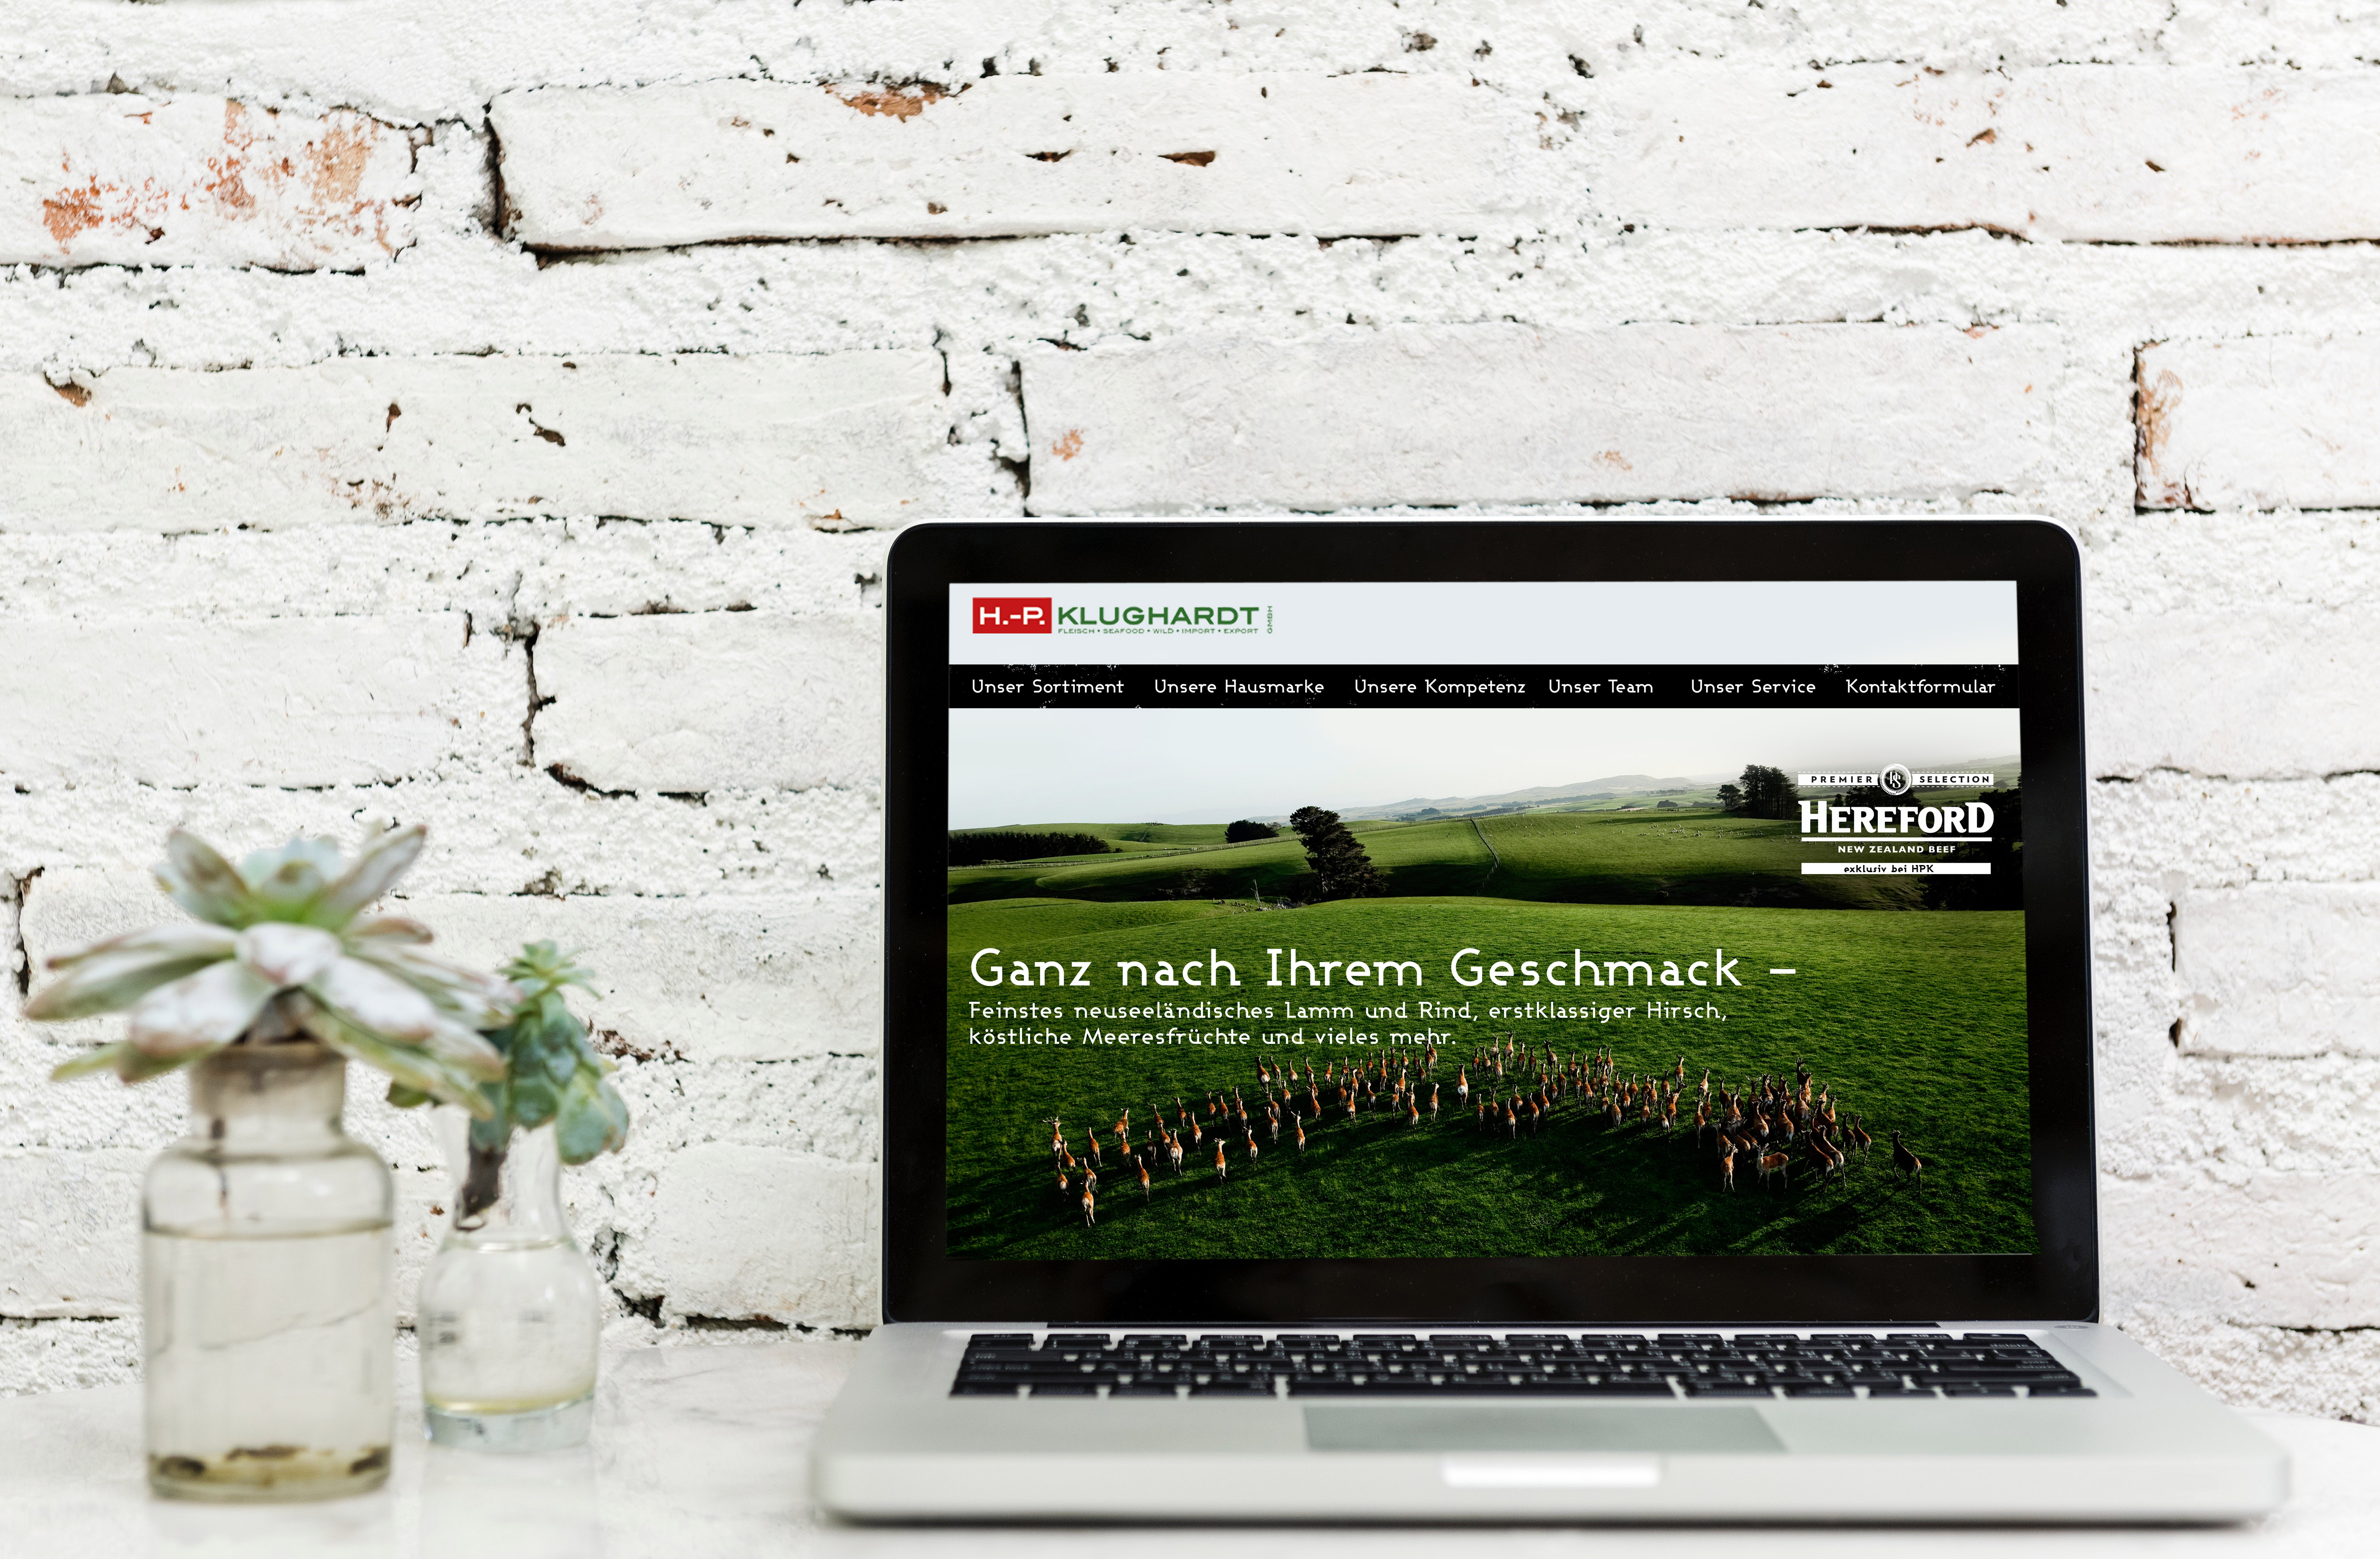 Webseitengestaltung H.-P. Klughardt